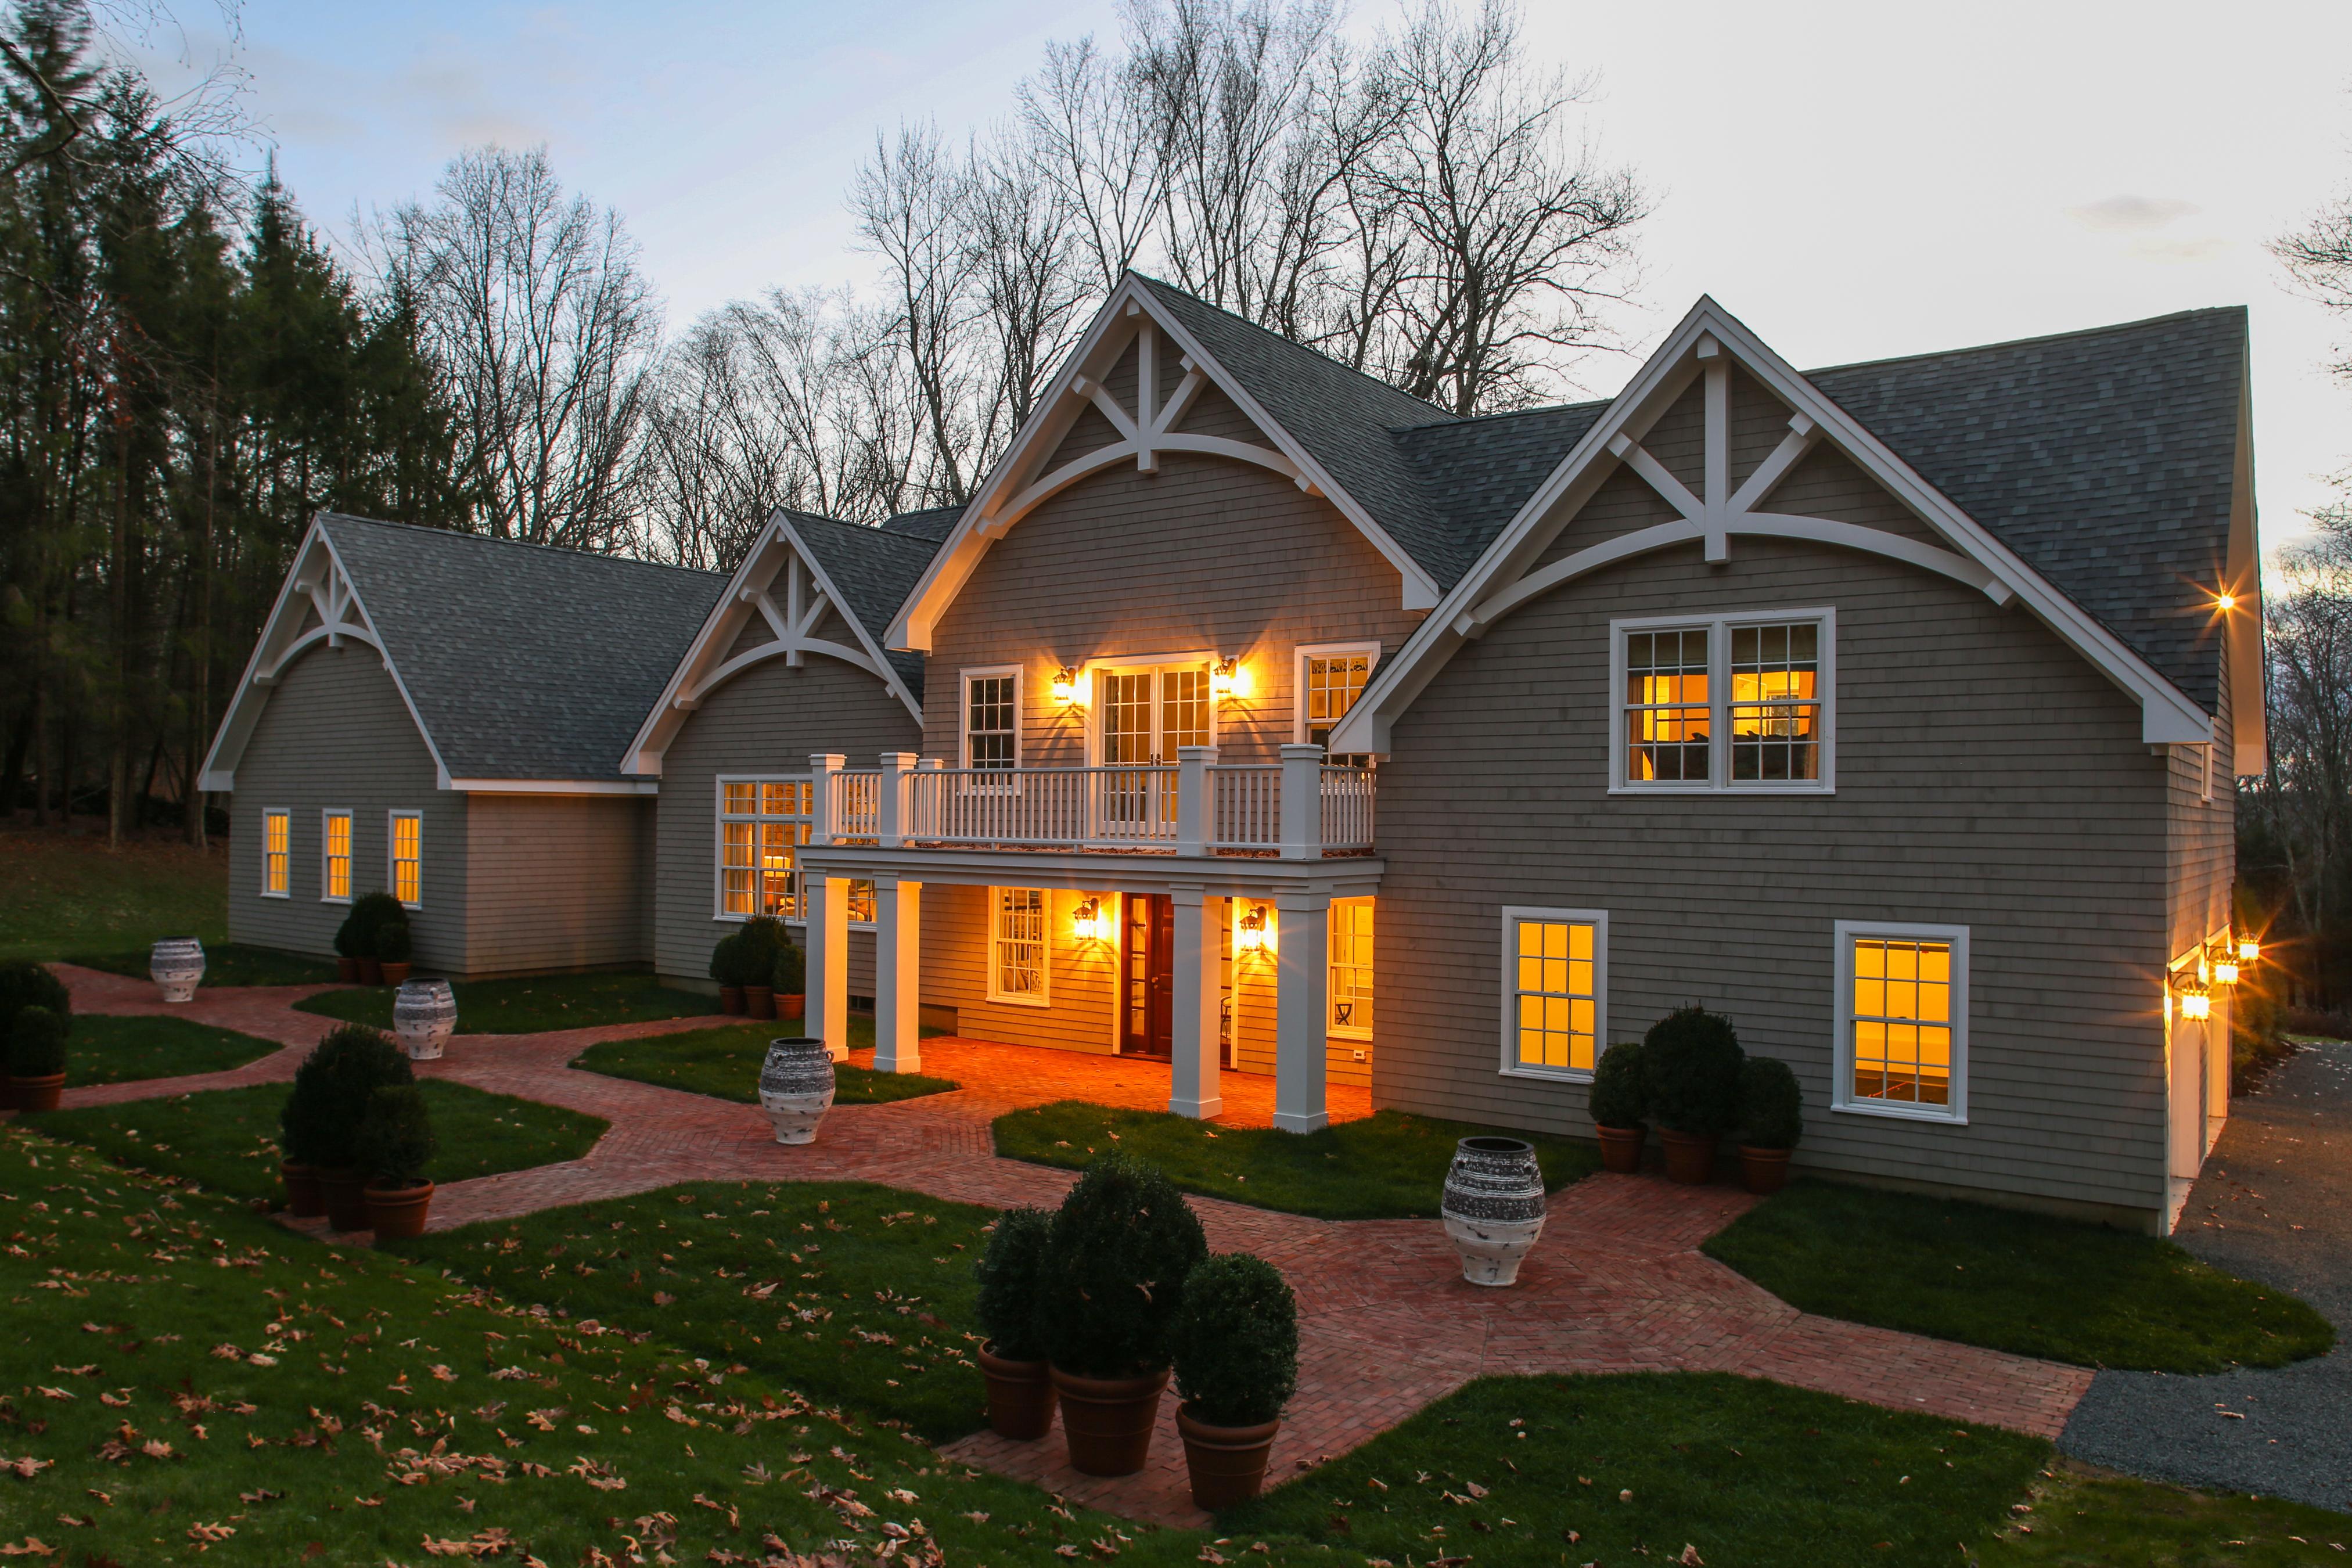 独户住宅 为 销售 在 Exceptional Property 49 Garnet Road 罗克斯伯里, 康涅狄格州, 06783 美国